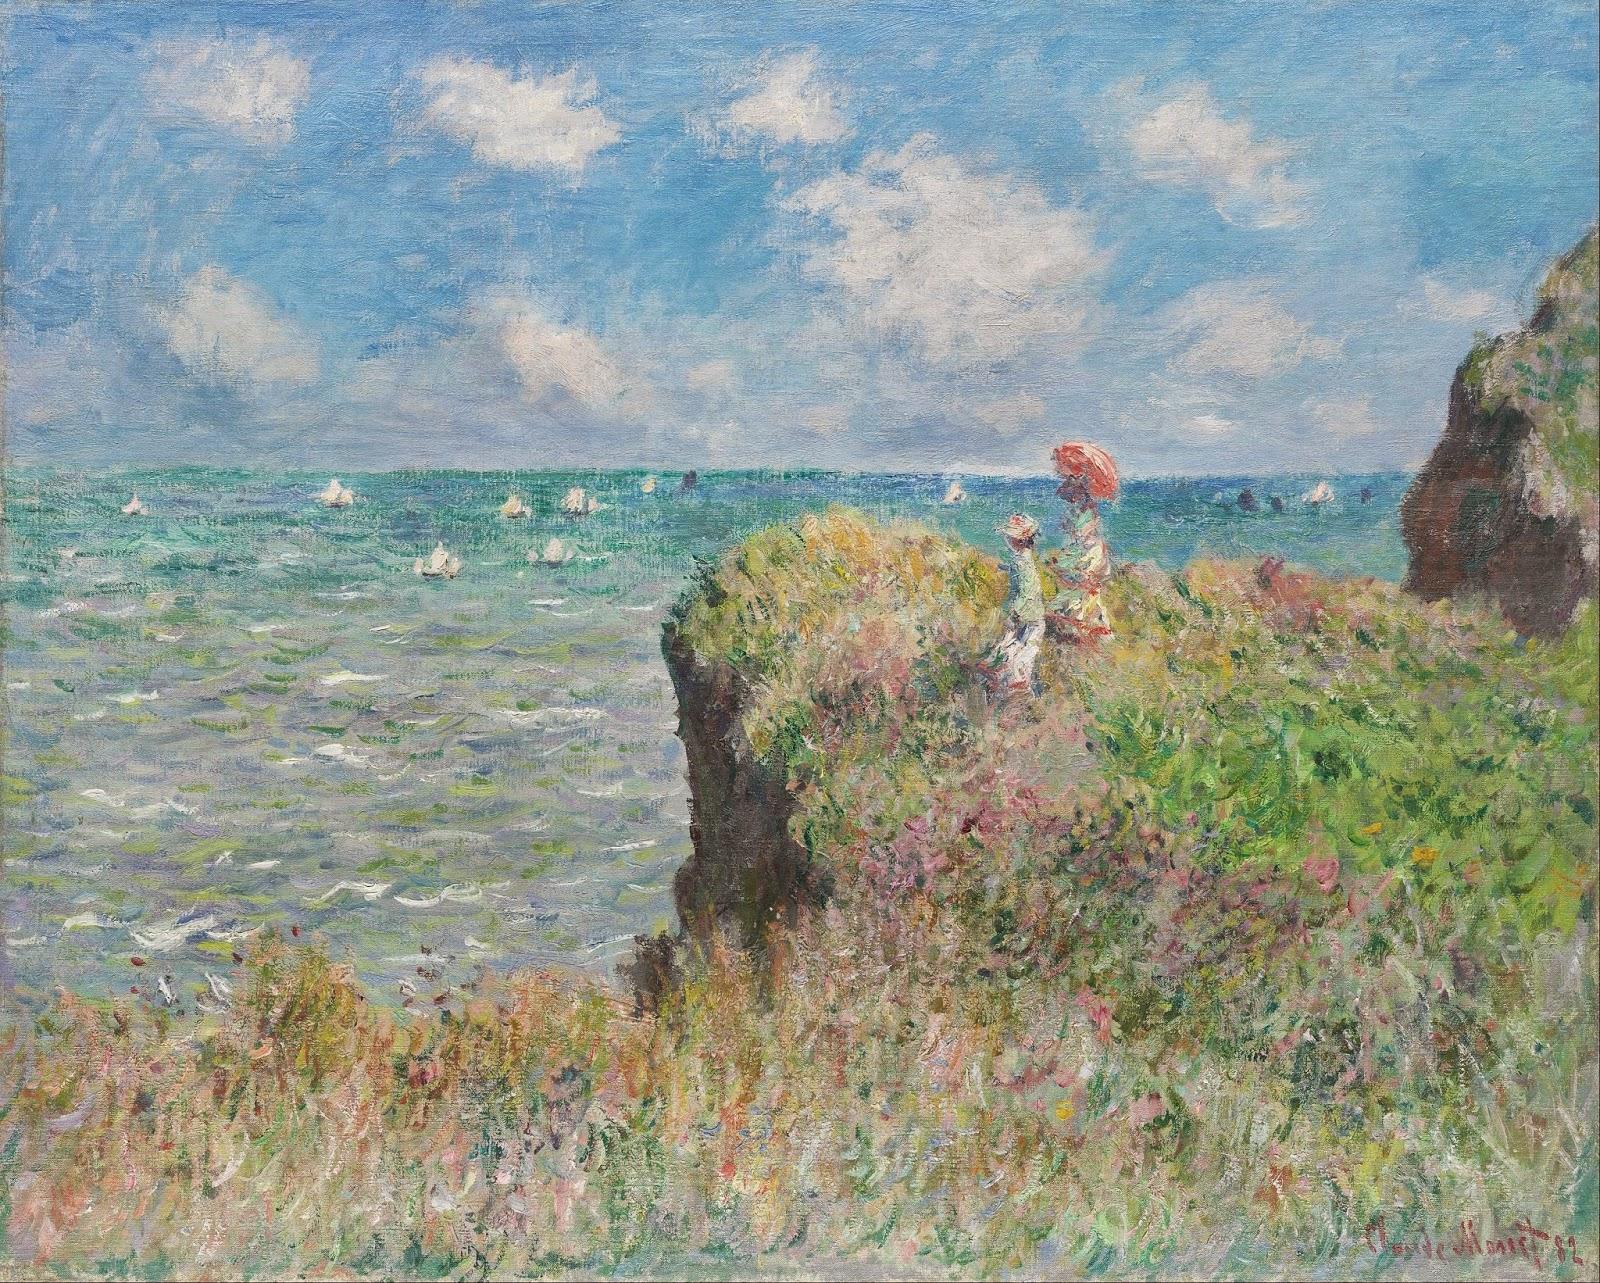 Caminhada no Penhasco em Pourville - Pinturas de Monet Claude | O Pai do Impressionismo